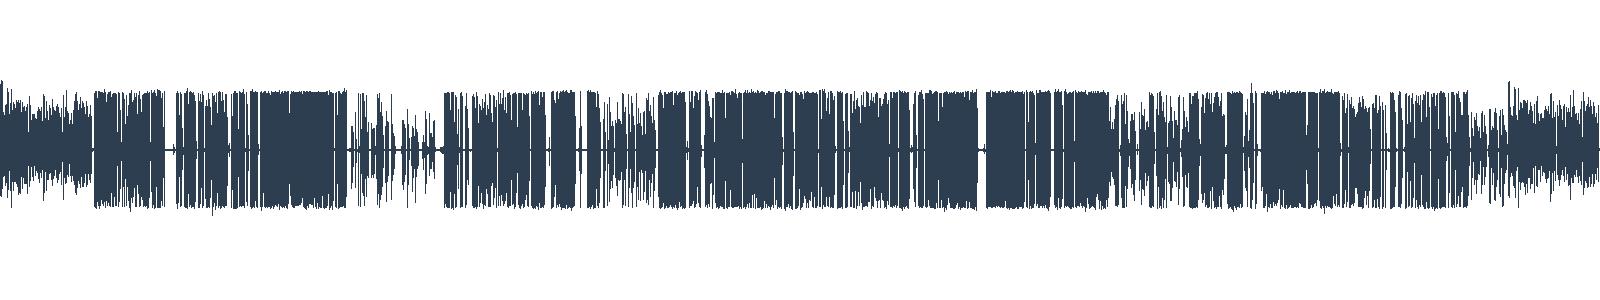 Ján Buc - Moc dedičstva waveform